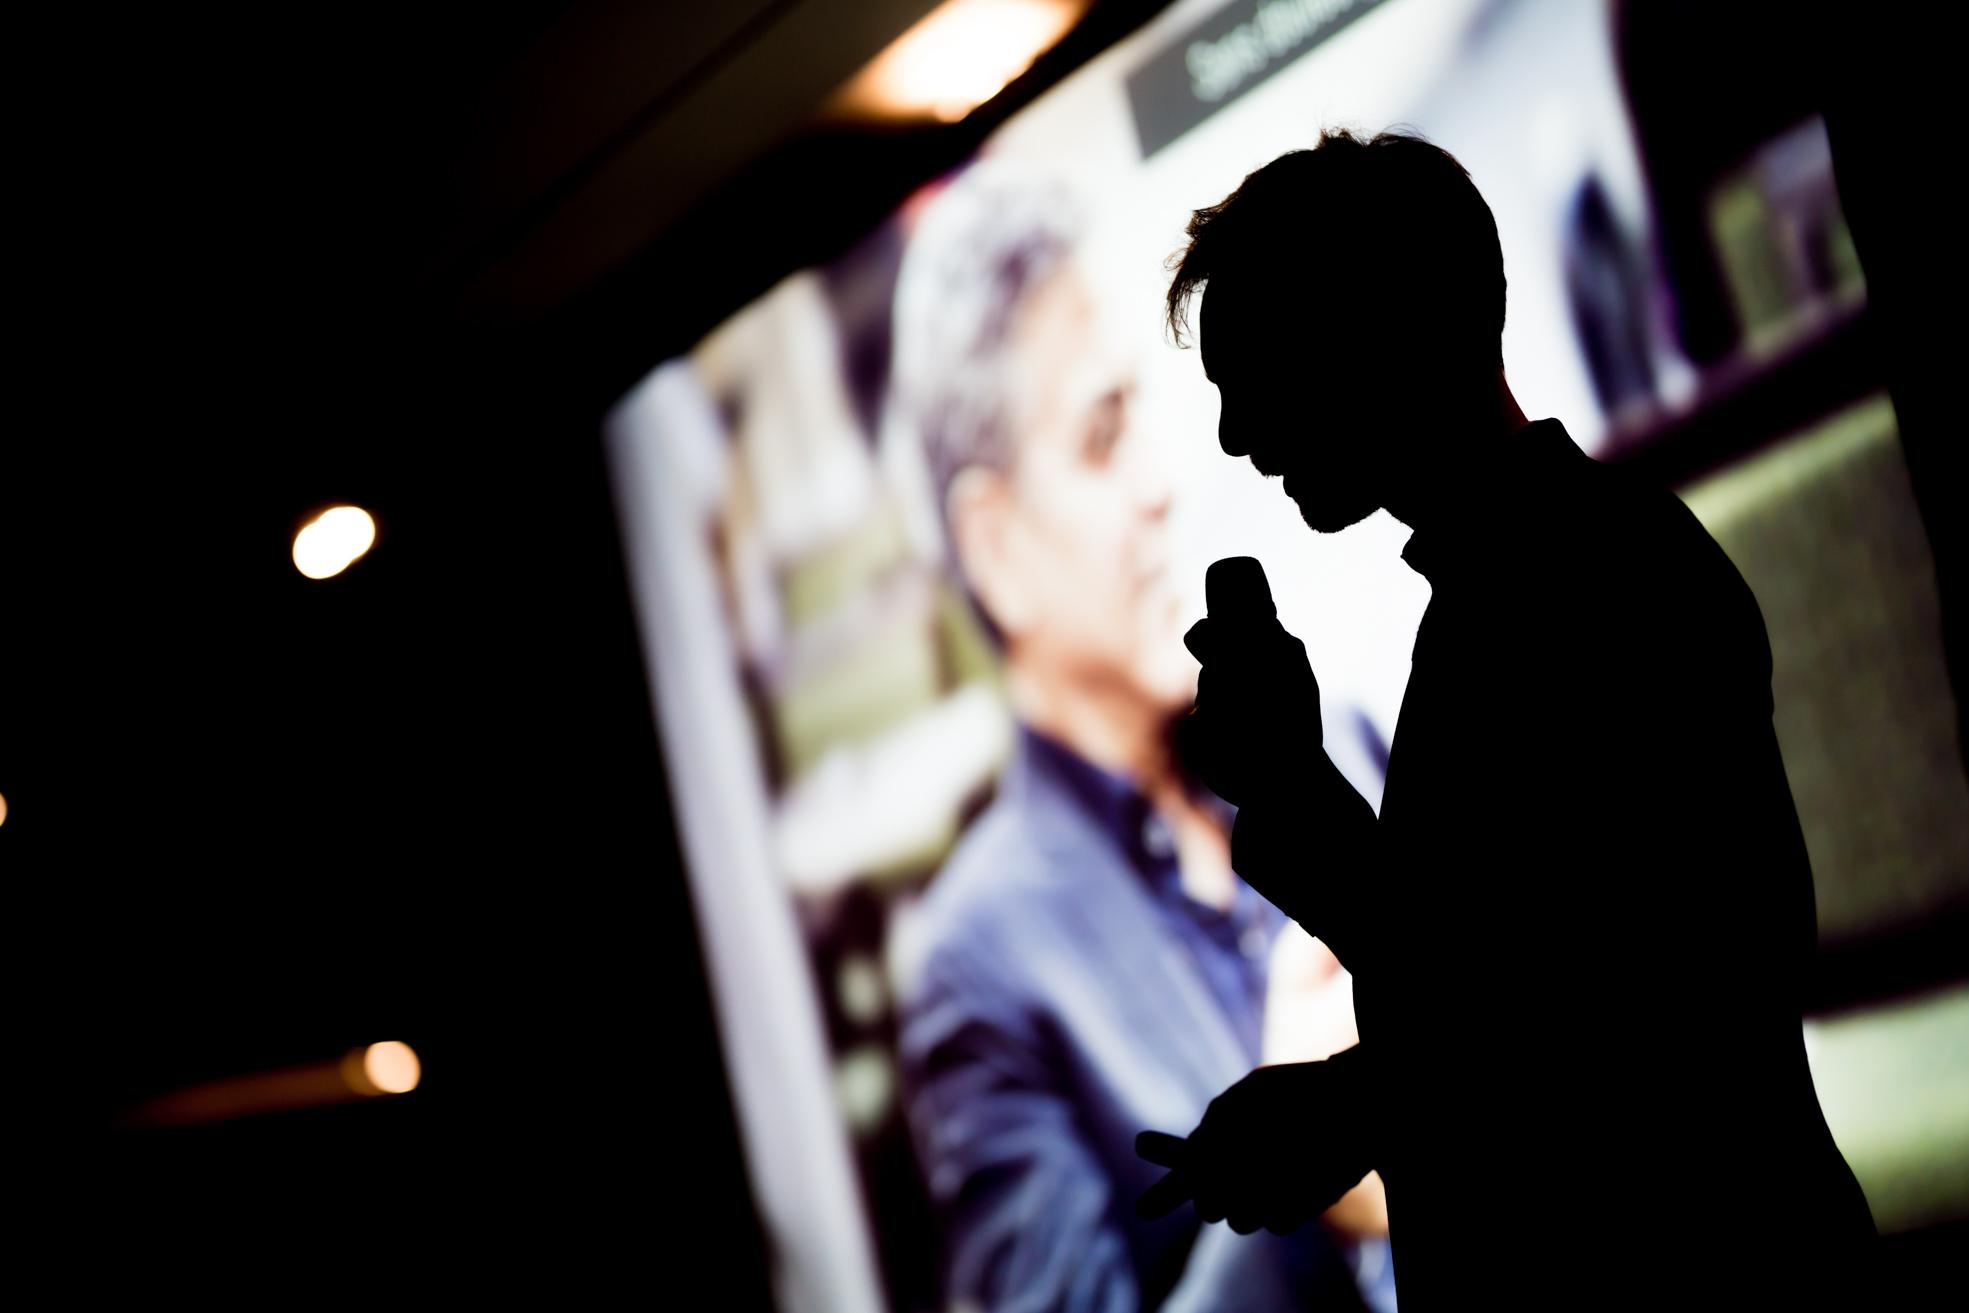 photographe événementiel Paris, photographe événementiel, photographe paris, photographe versailles, photographe soirée entreprise, photographe inauguration, photographe conférence, photographe événementiel IDF, jean-Baptiste Chauvin, www.studioart-photographe.fr